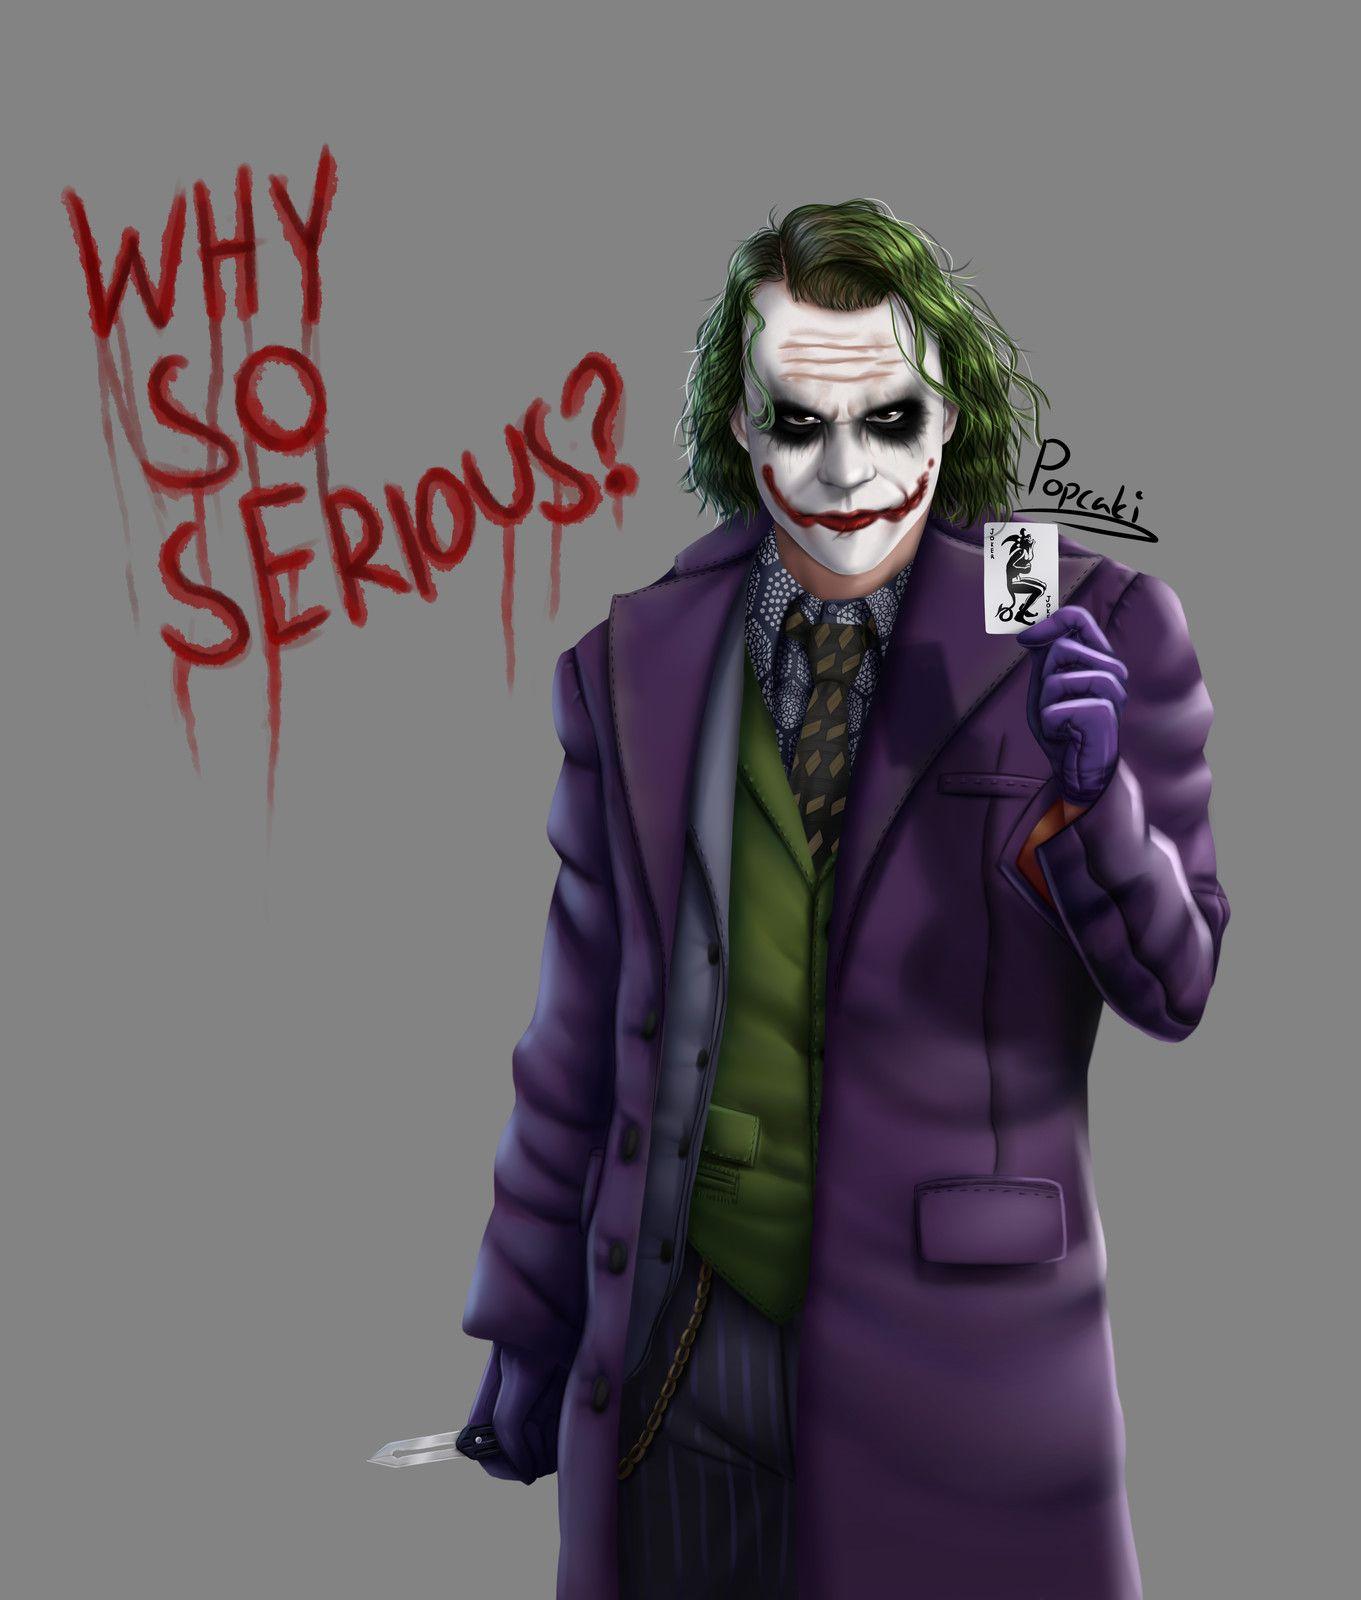 The Joker Why So Serious Popcaki On Artstation At Https Www Artstation Com Artwork Xape1 Joker Pics Joker Images Joker Artwork Cool joker why so serious wallpaper hd